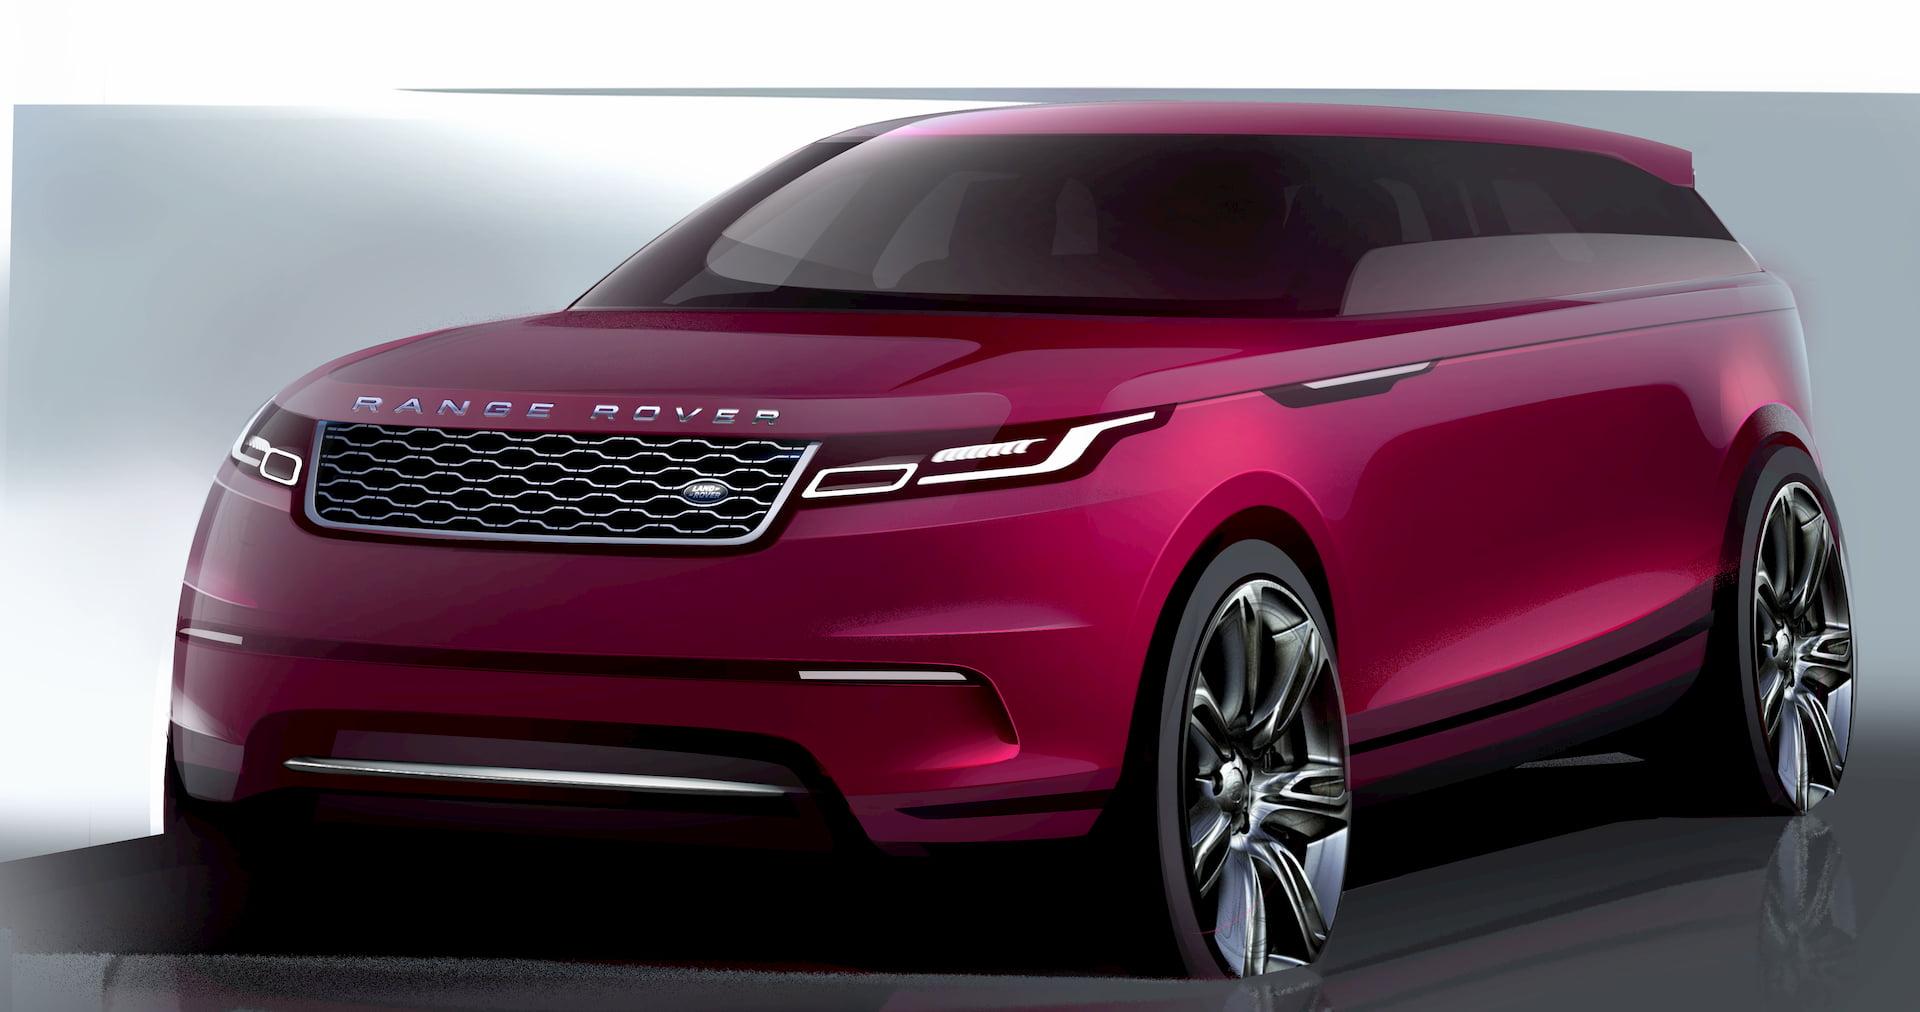 Range Rover Velar sketch teaser